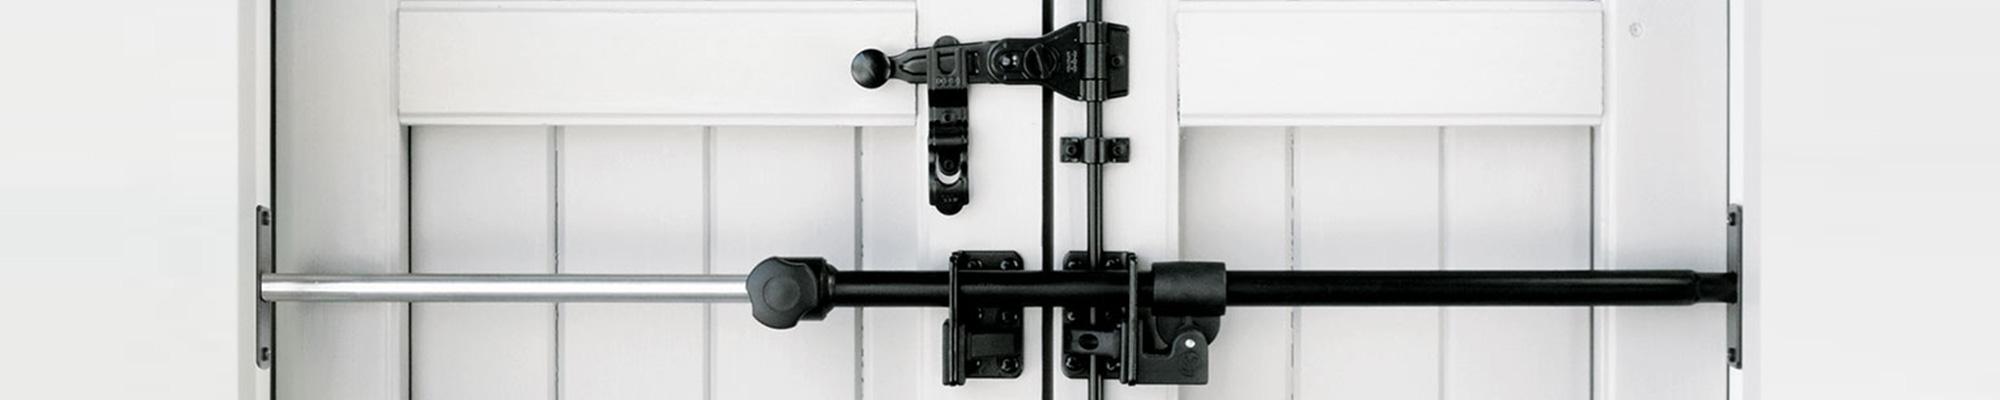 barres anti-intrusion pour portes-fenêtres et volets